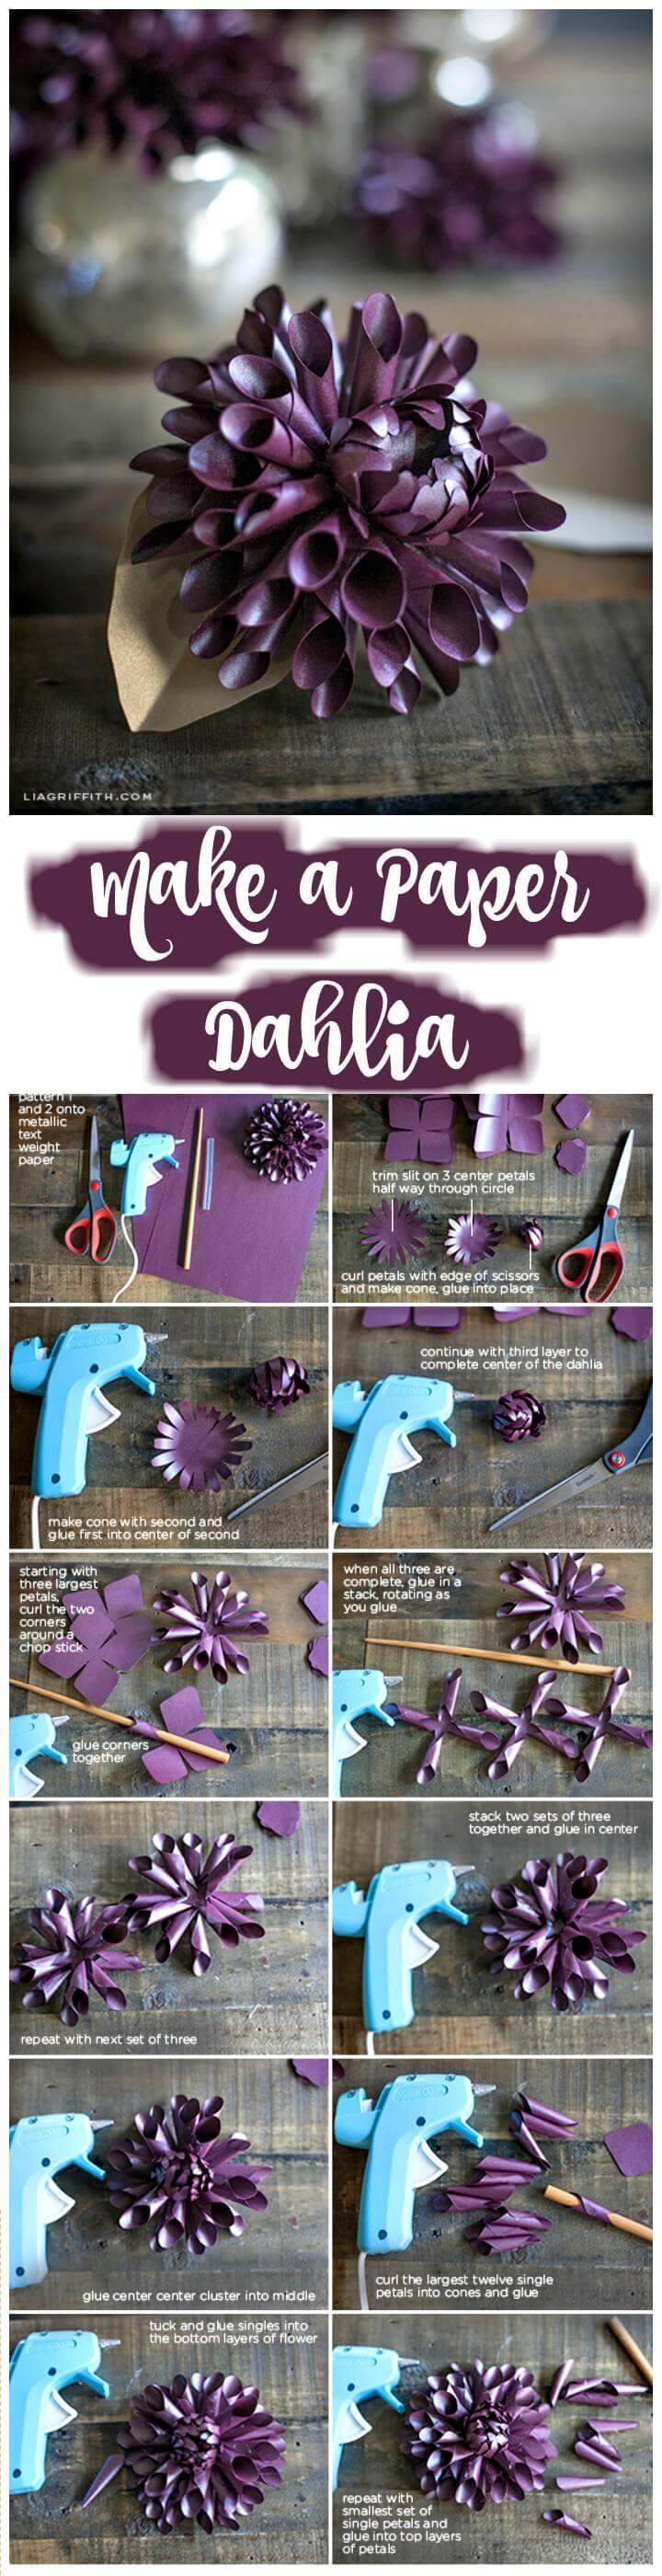 DIY handmade paper dahlia